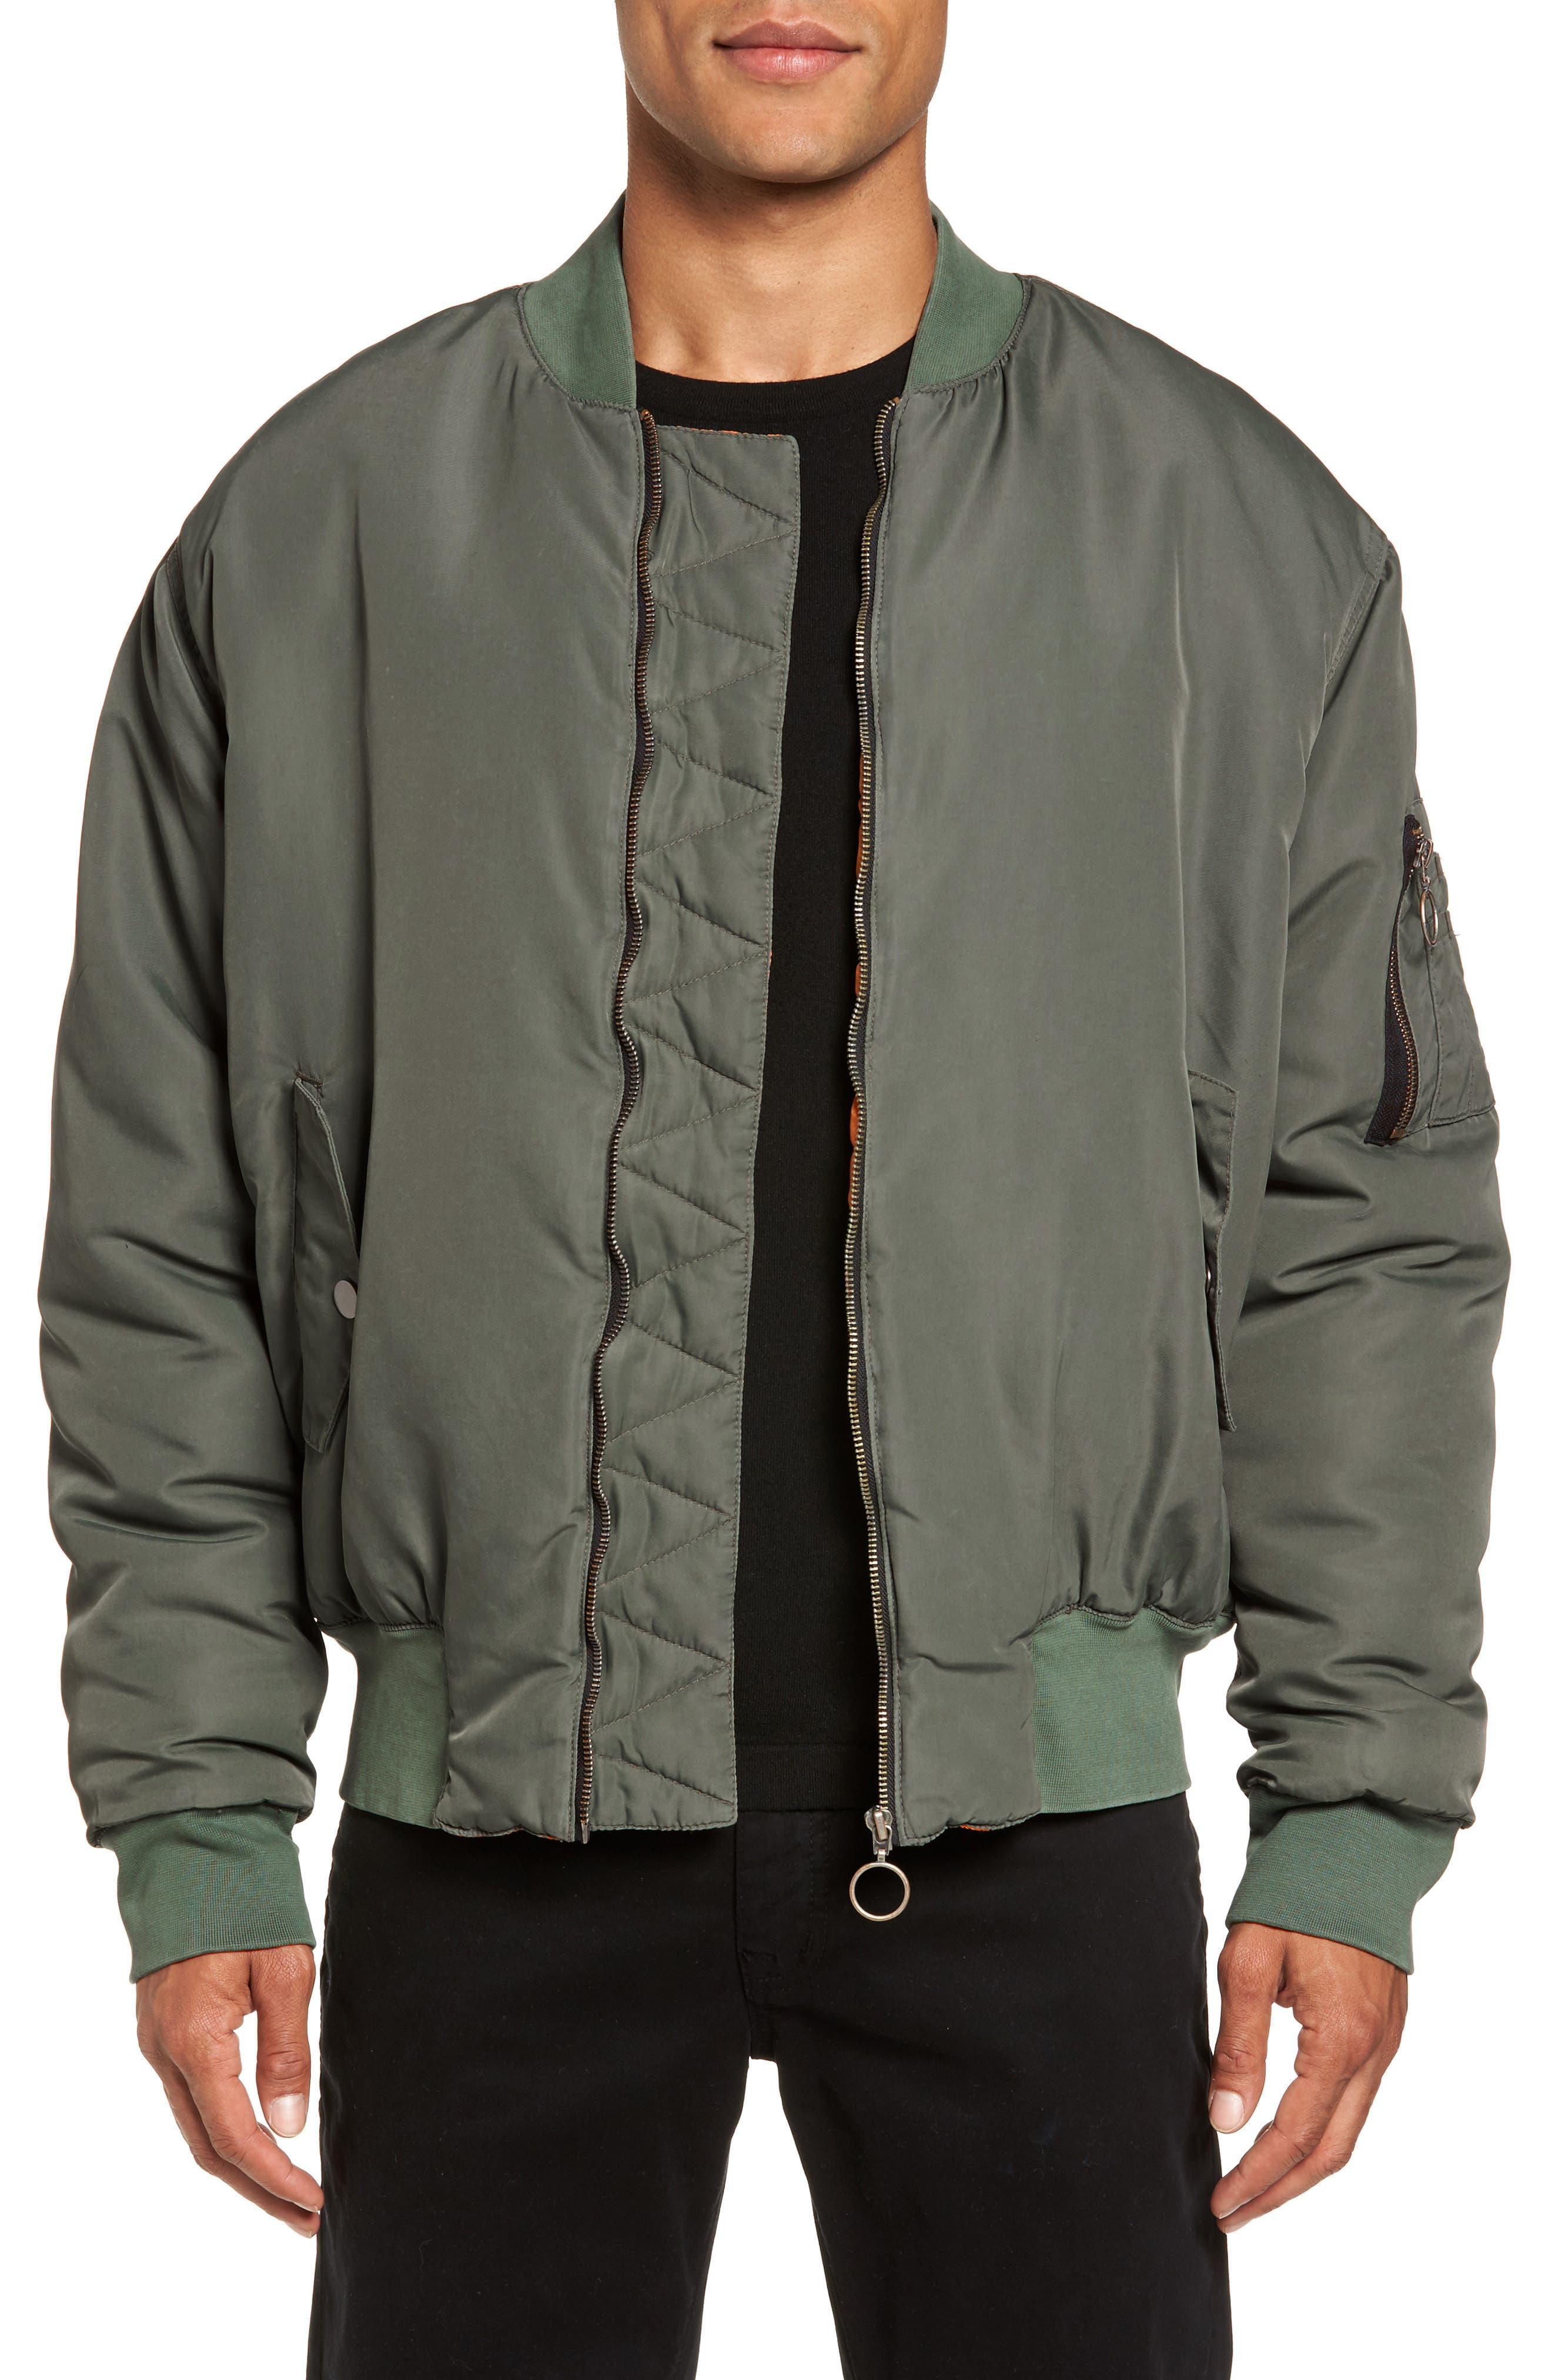 Hudson Jeans Zeke Slim Fit Bomber Jacket